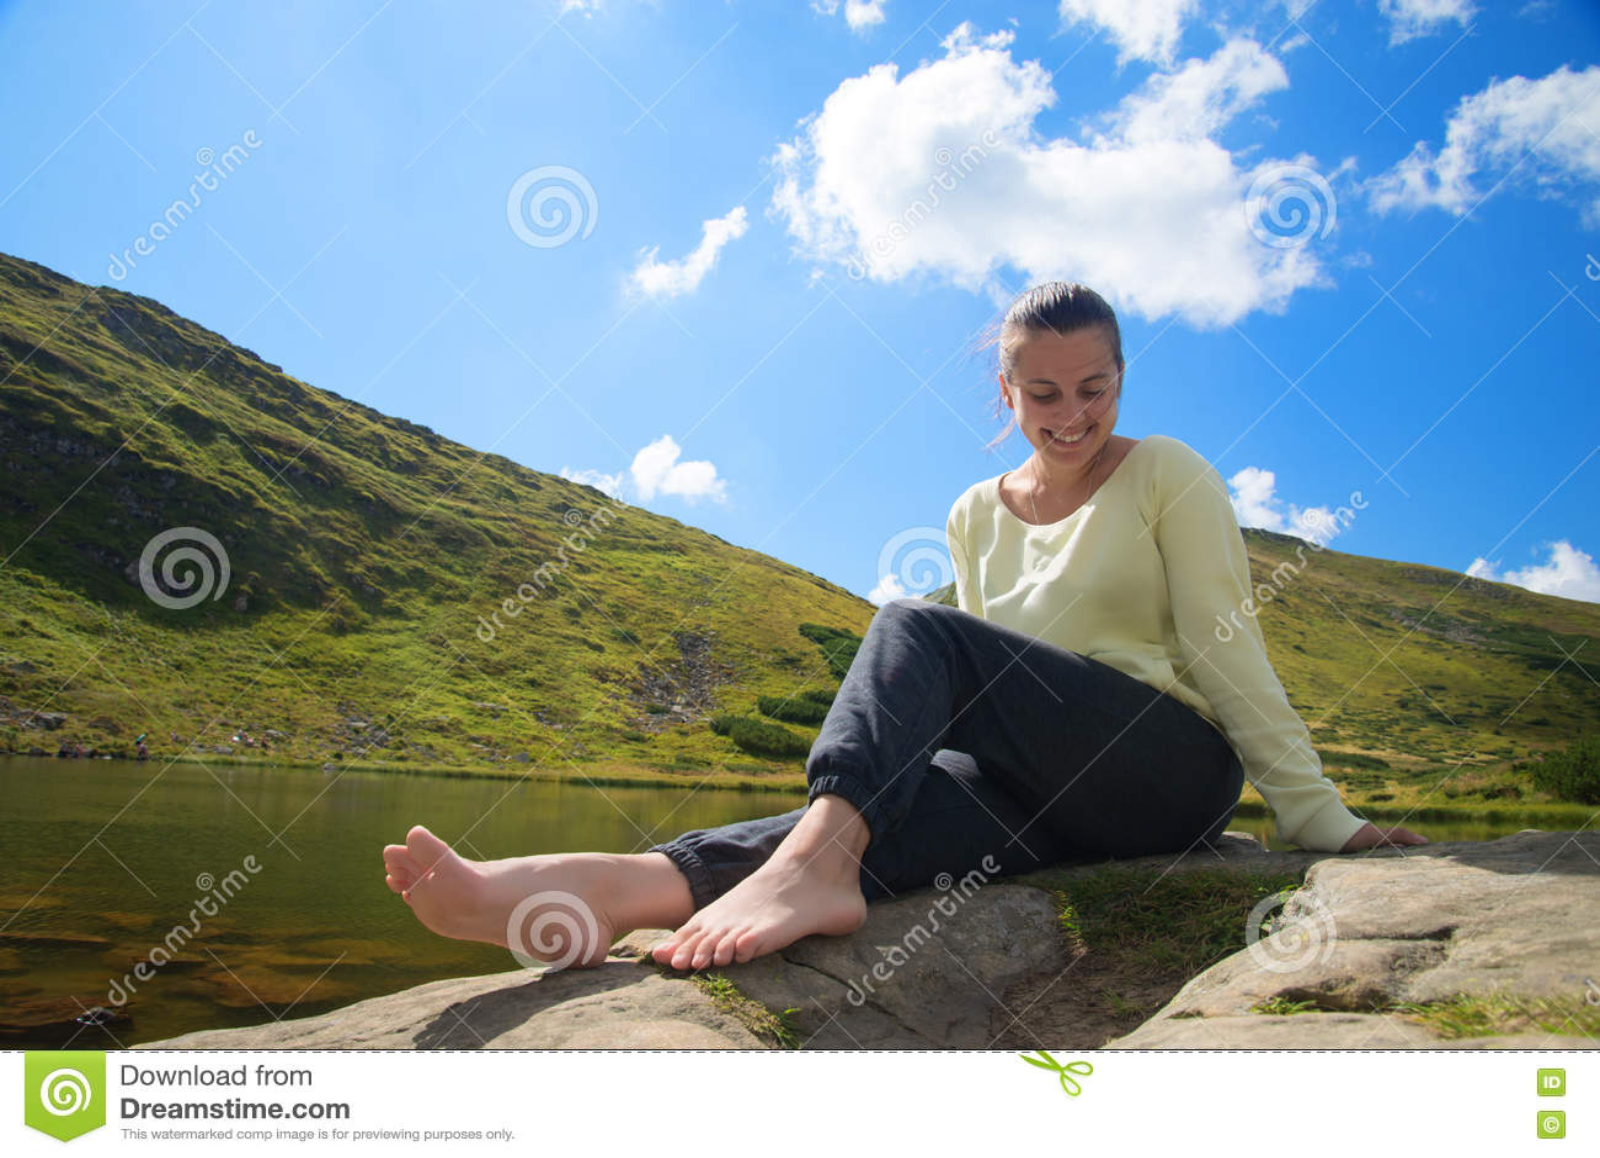 Młoda kobieta reisting przy jeziorem